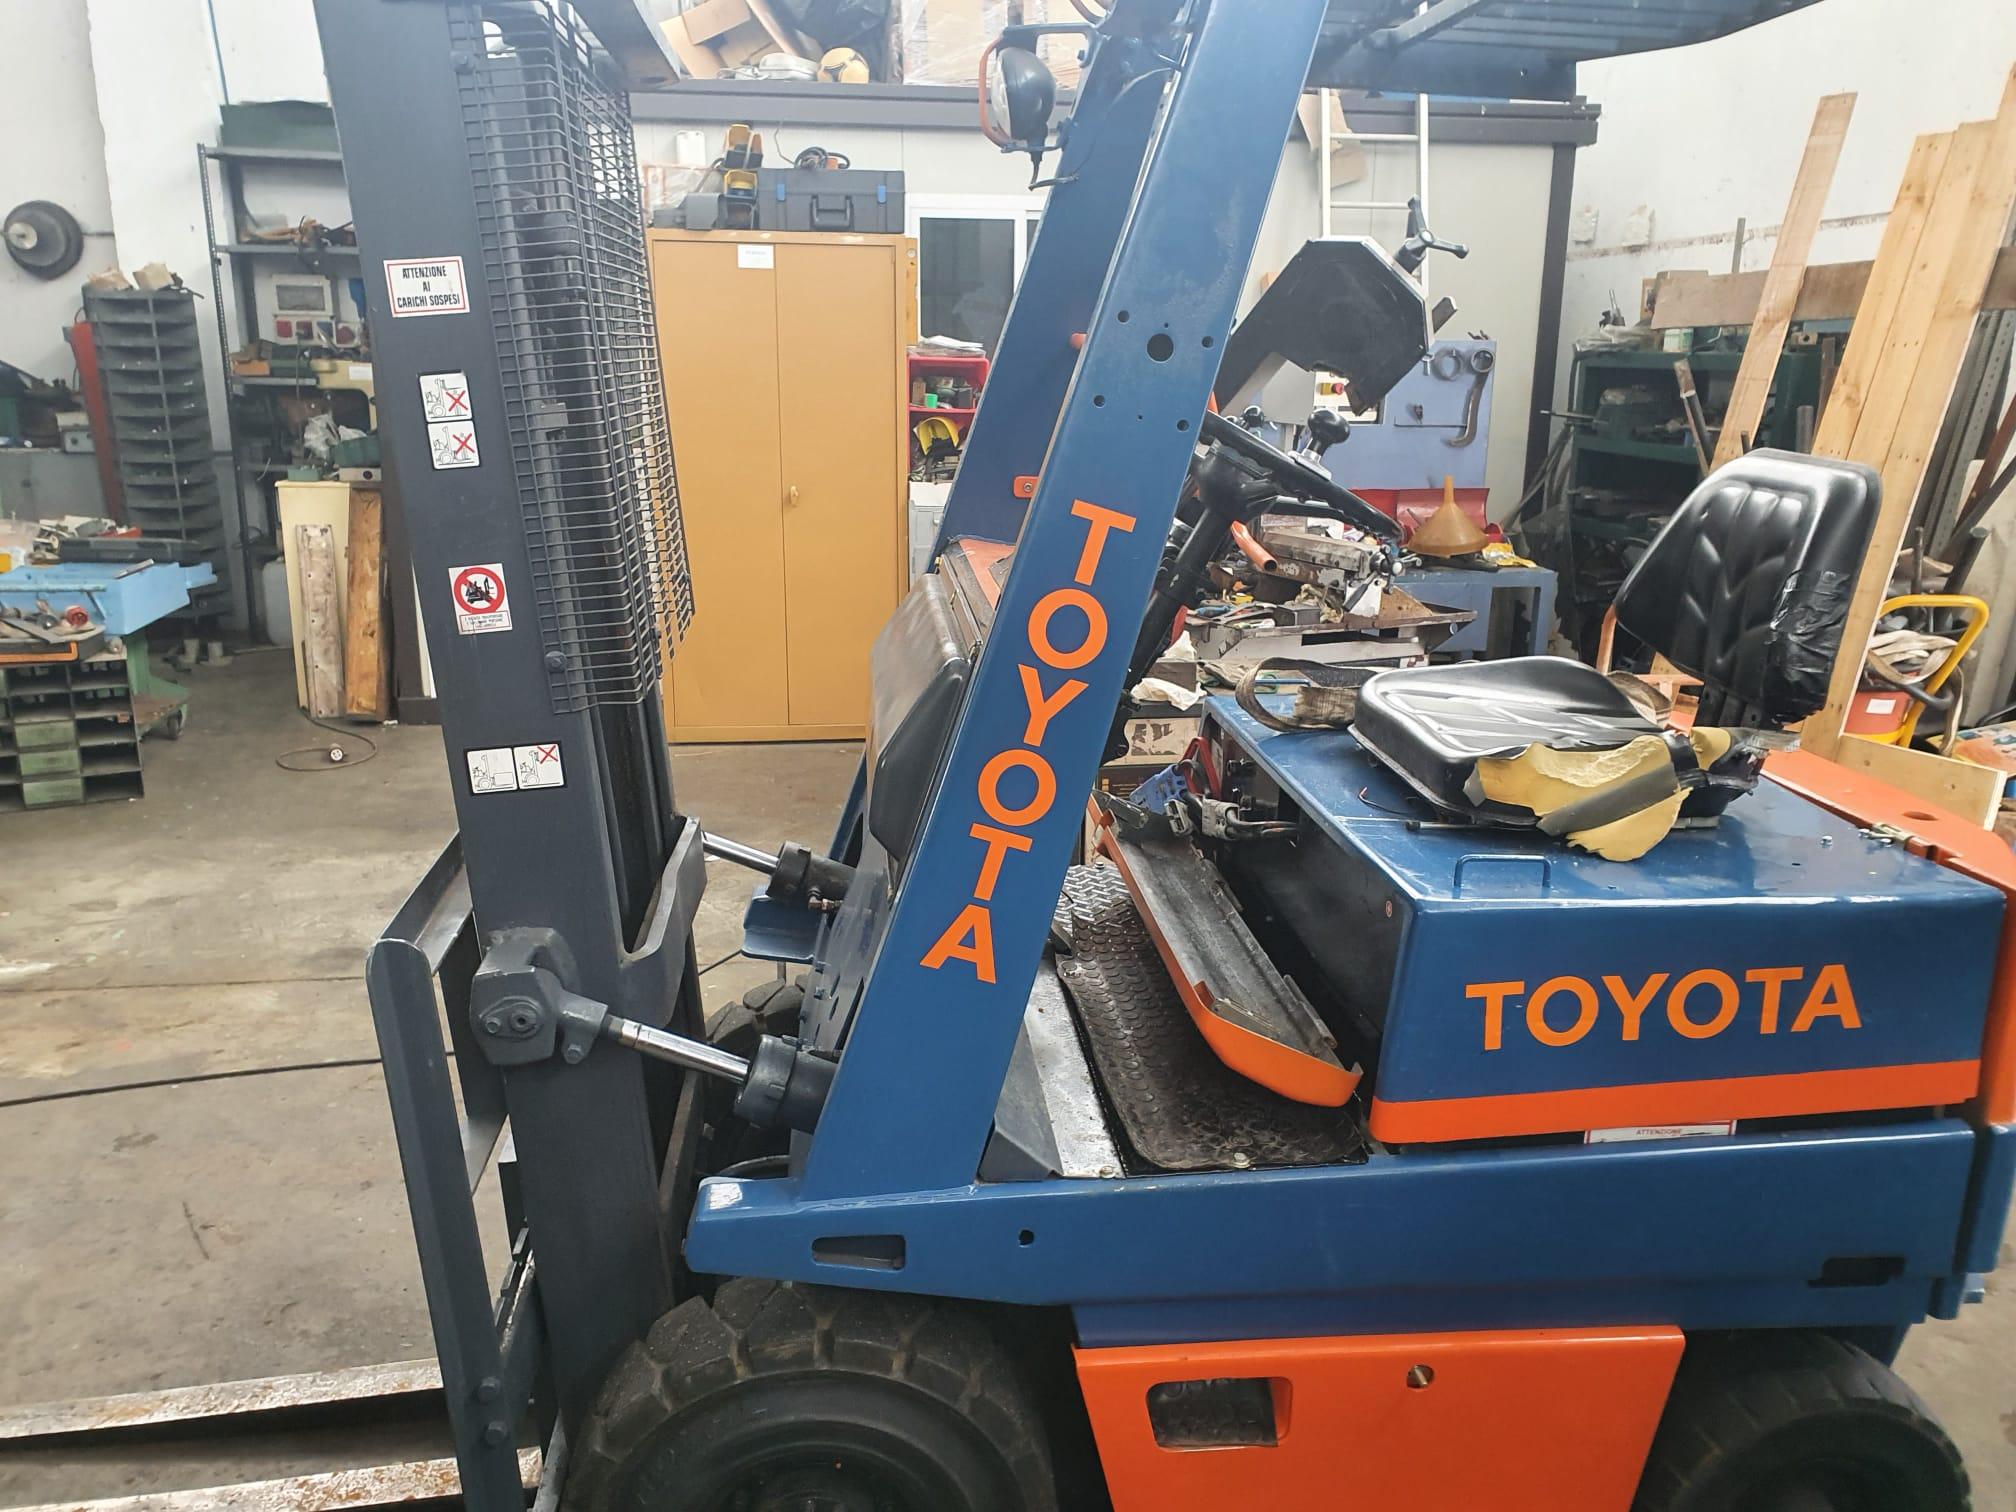 Carrello elevatore elettrico marca Toyota modello 6FB15 in vendita - foto 2